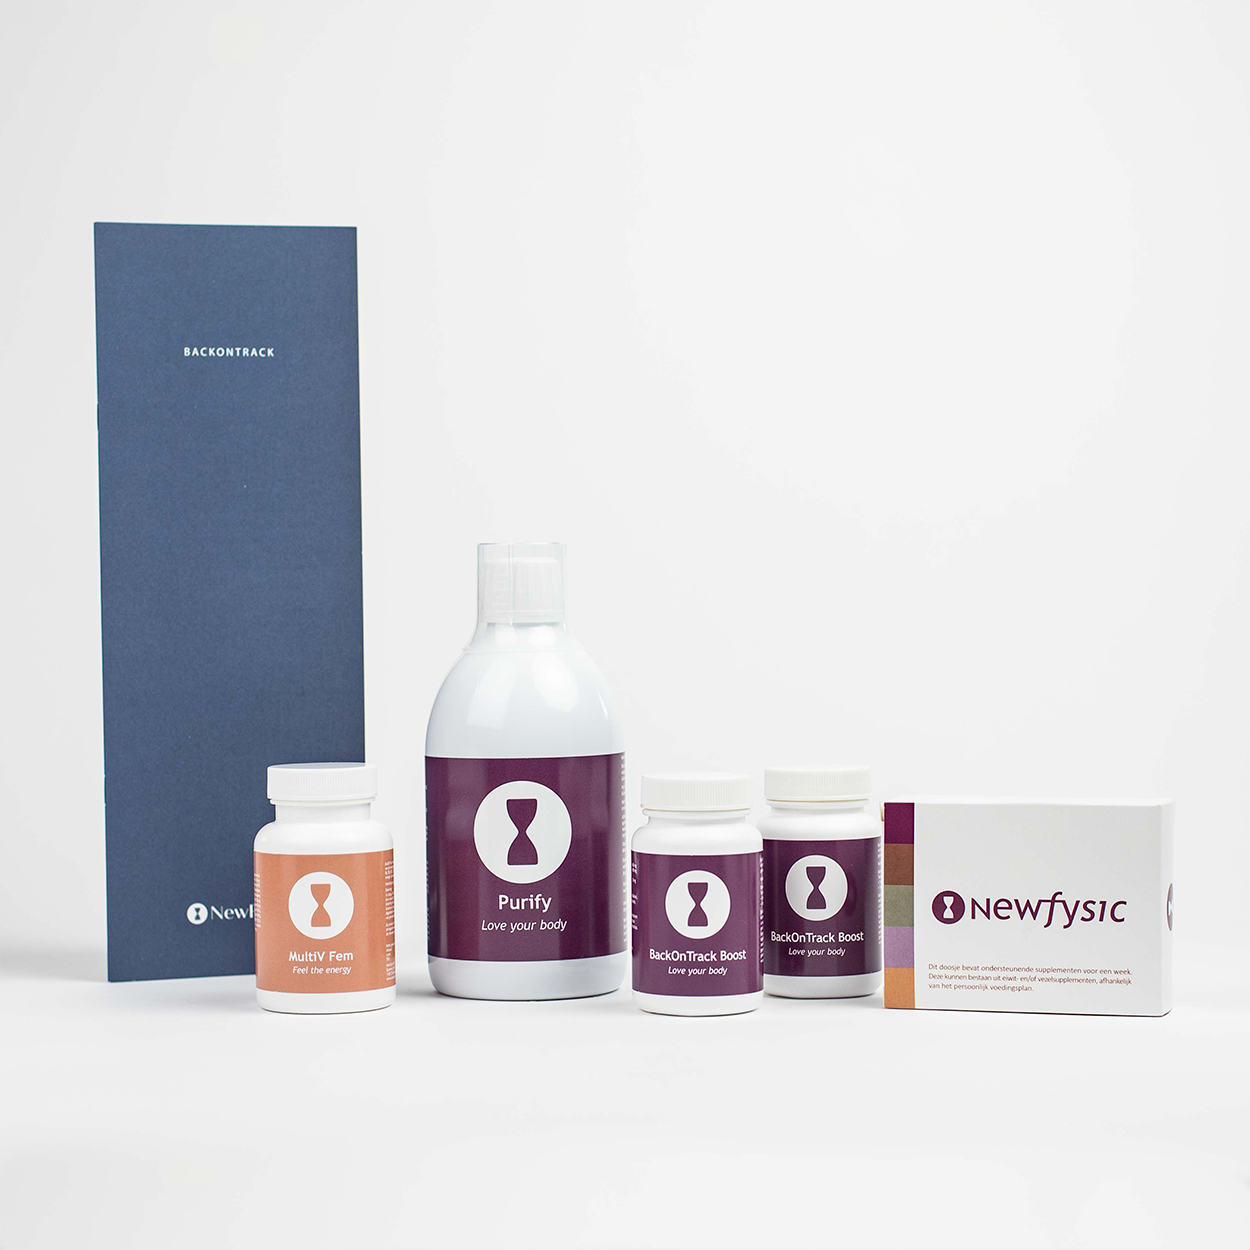 BackonTrack boost maandpakket (2x boost supplement)